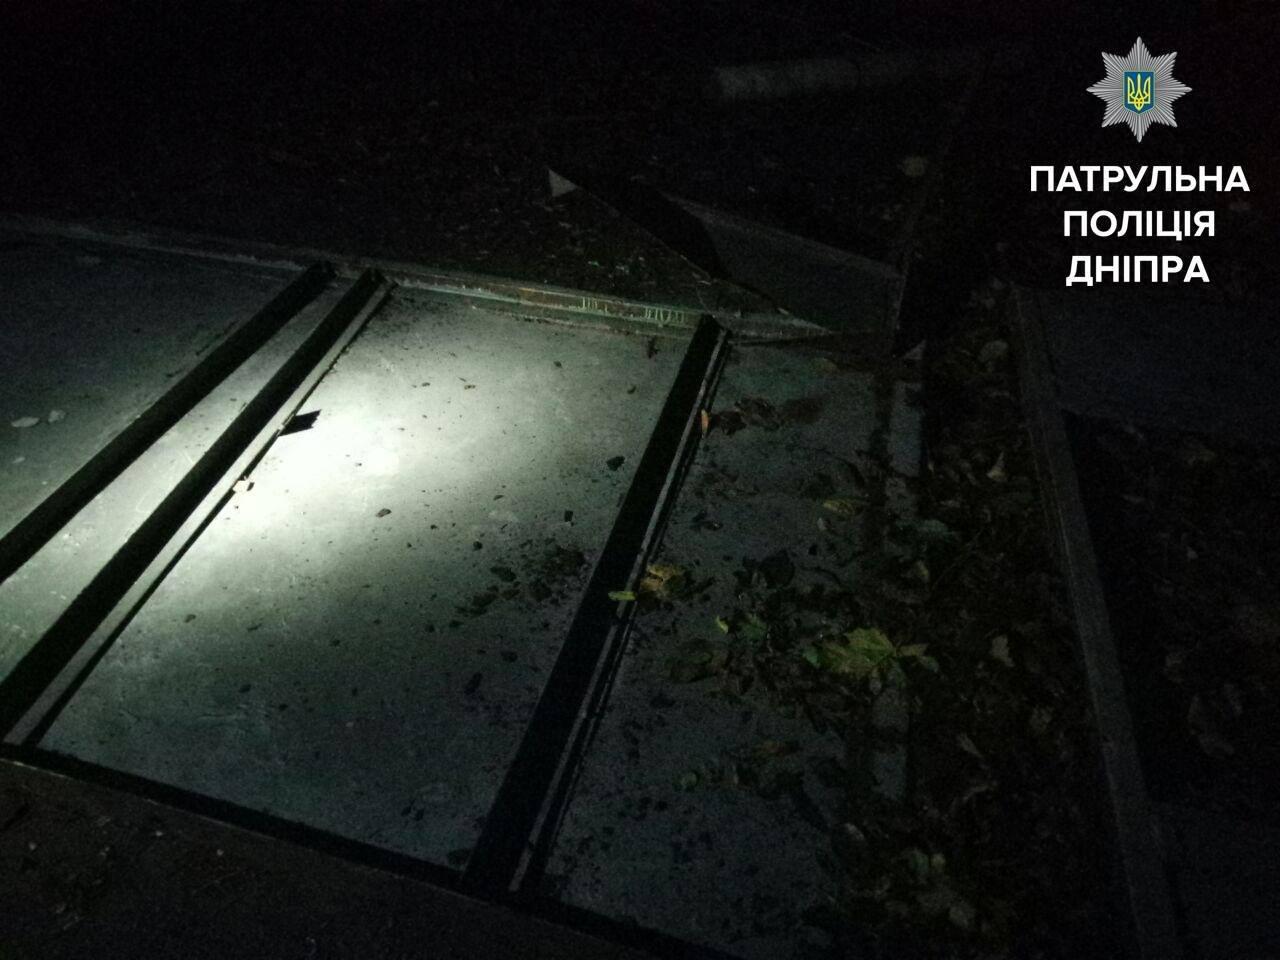 В Днепре задержали воров металлоконструкций (ФОТО), фото-1